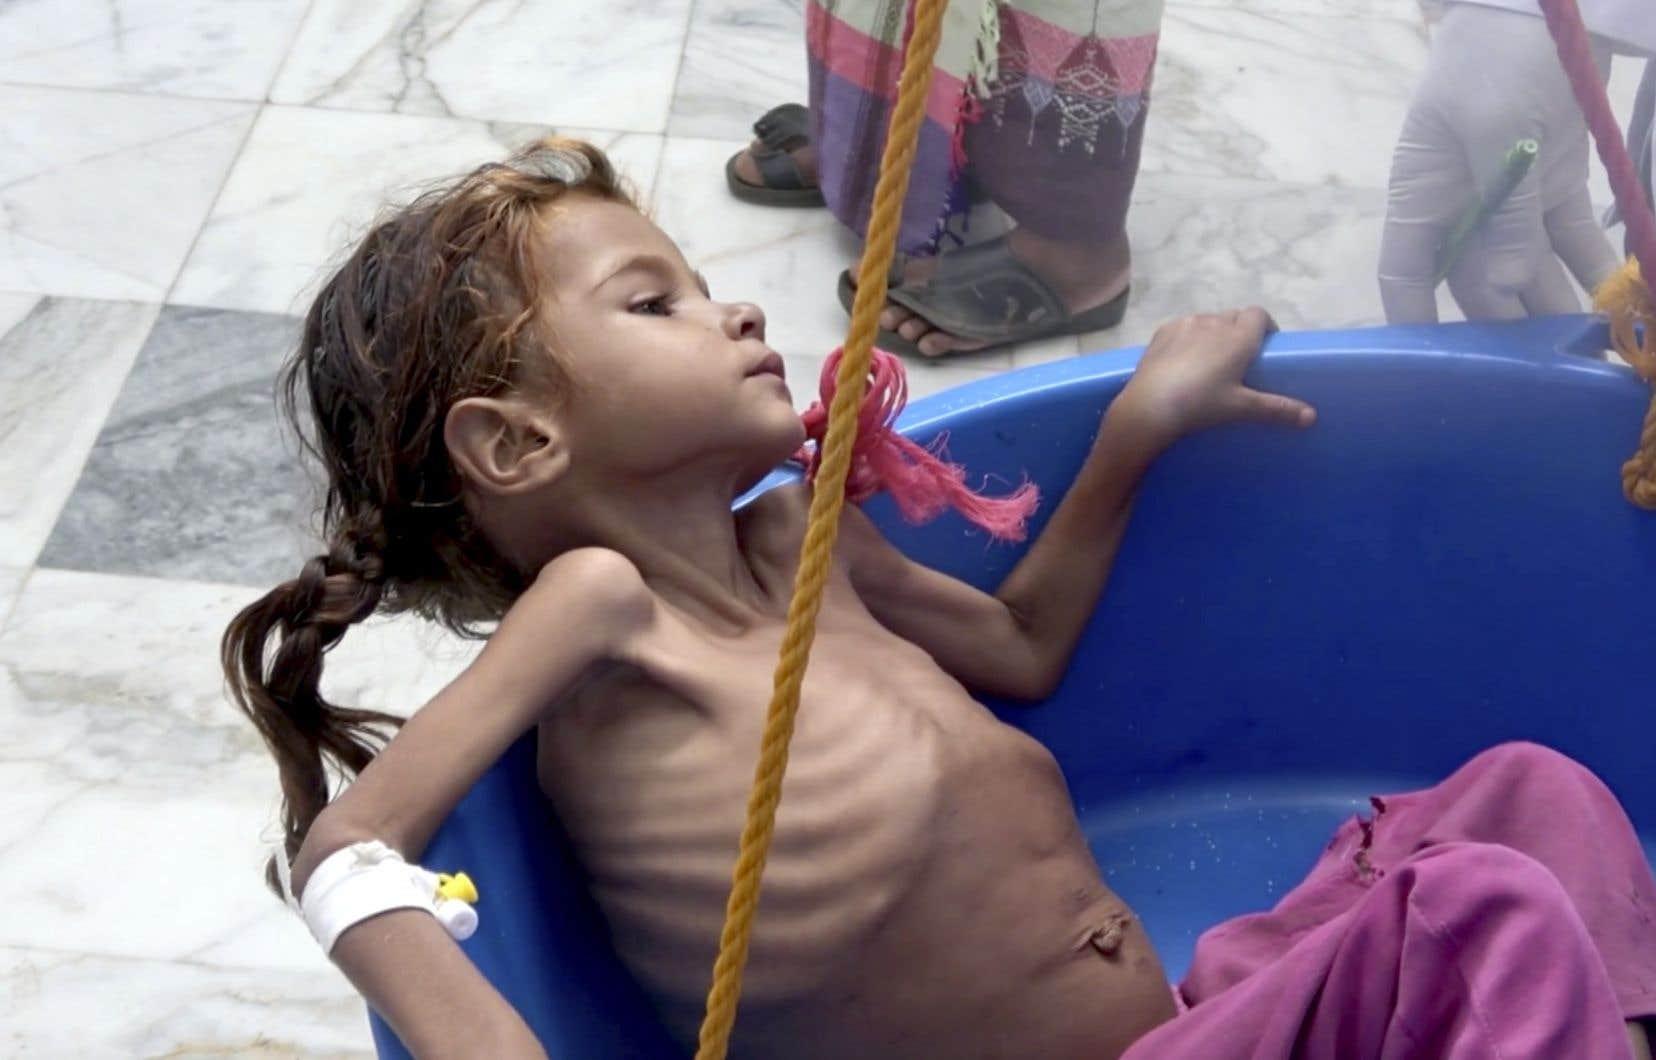 Sur vingt enfants de moins de cinq ans, au moins un souffre de malnutrition aiguë sévère à Hodeida, selon l'UNICEF.